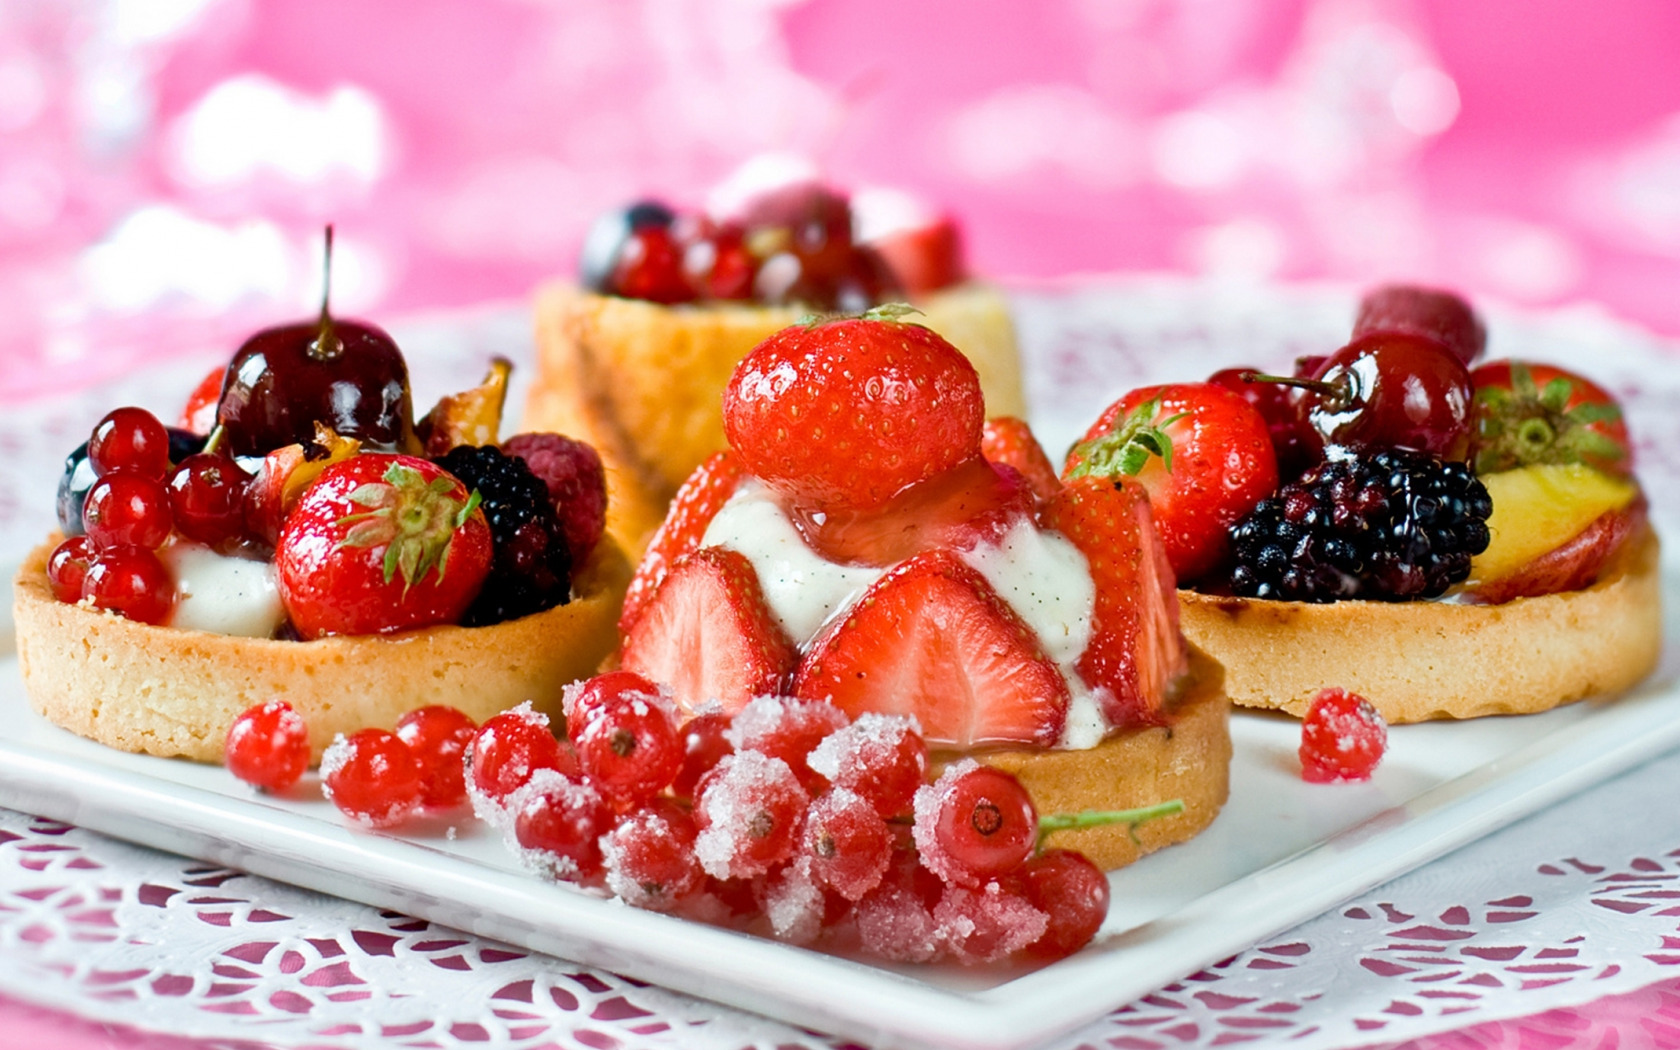 поймете, красивые картинки еды и фруктов десертов уже